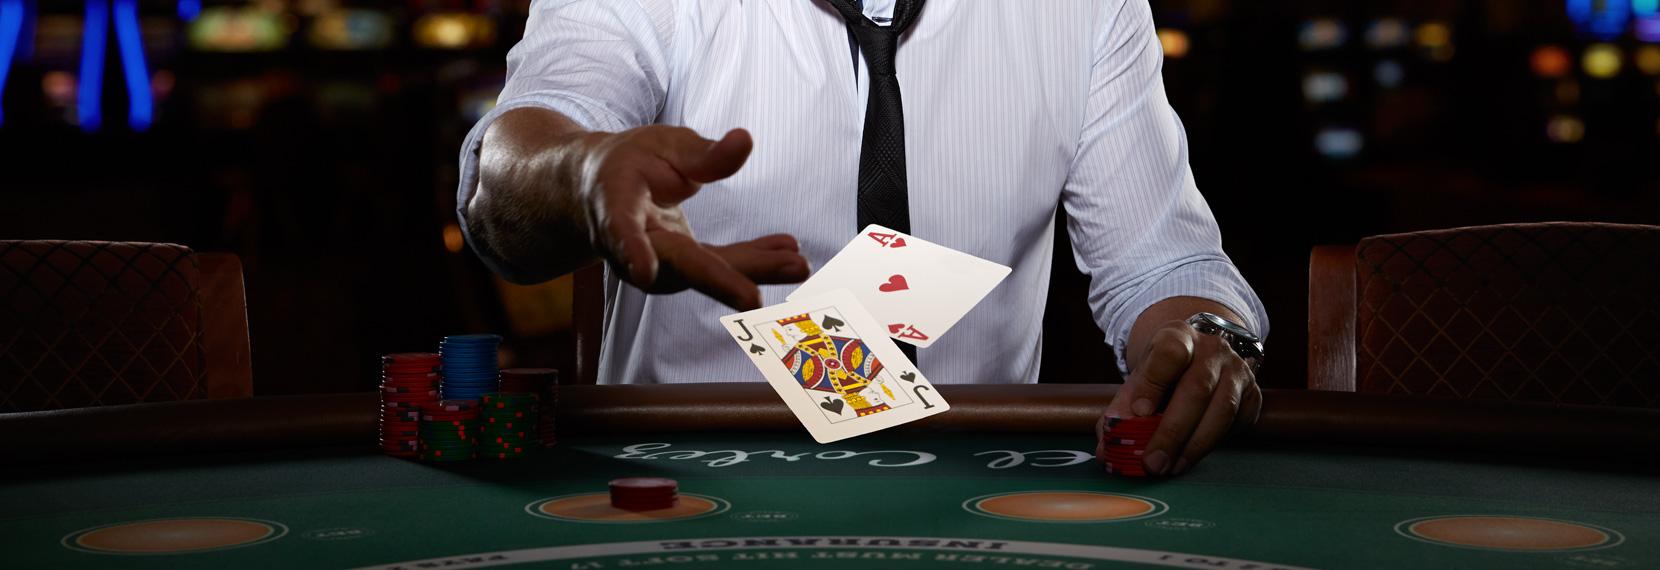 Blackjack: un jeu vedette